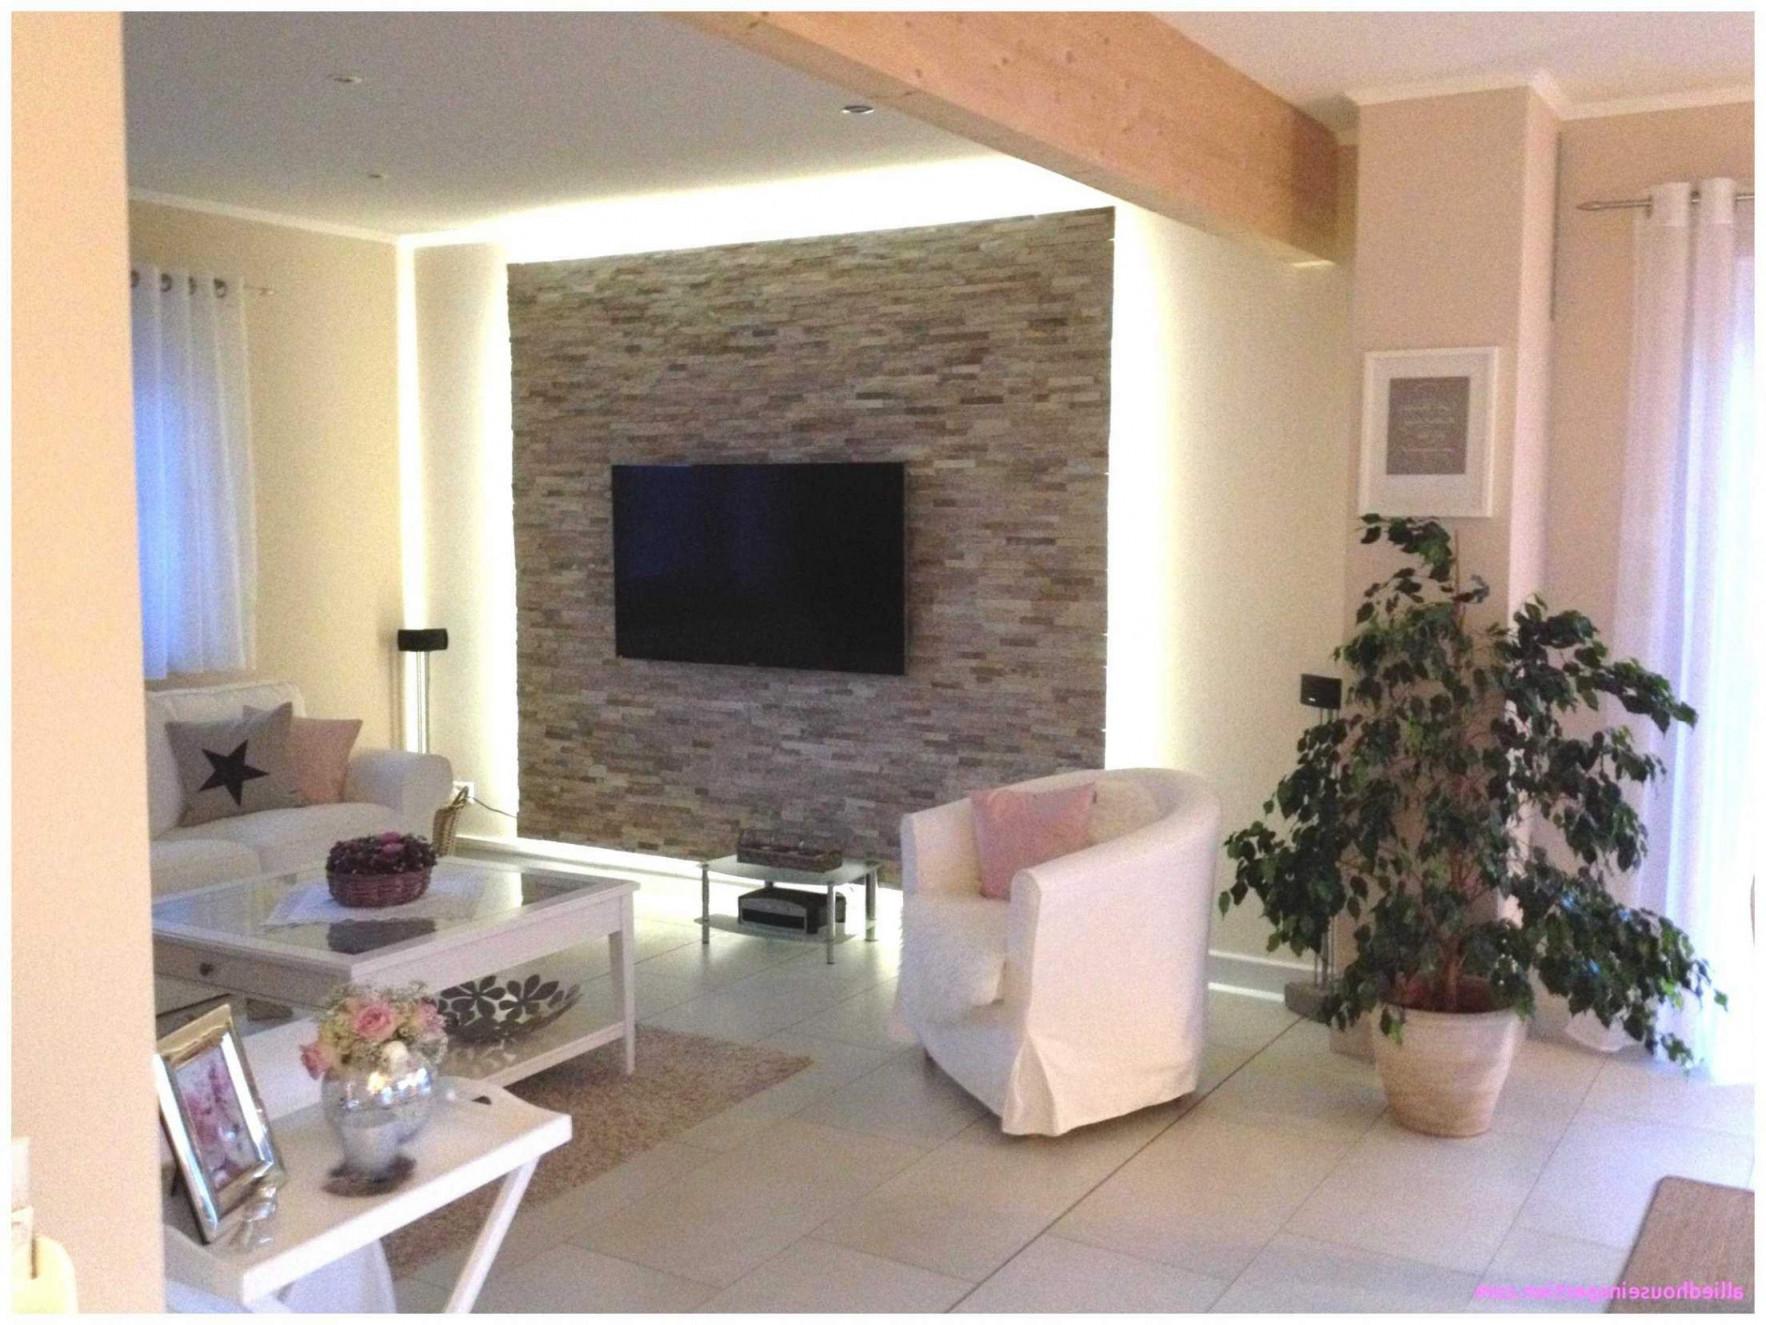 Kleine Wohnzimmer Modern Einrichten Elegant Kleine von Kleine Wohnzimmer Modern Einrichten Bild